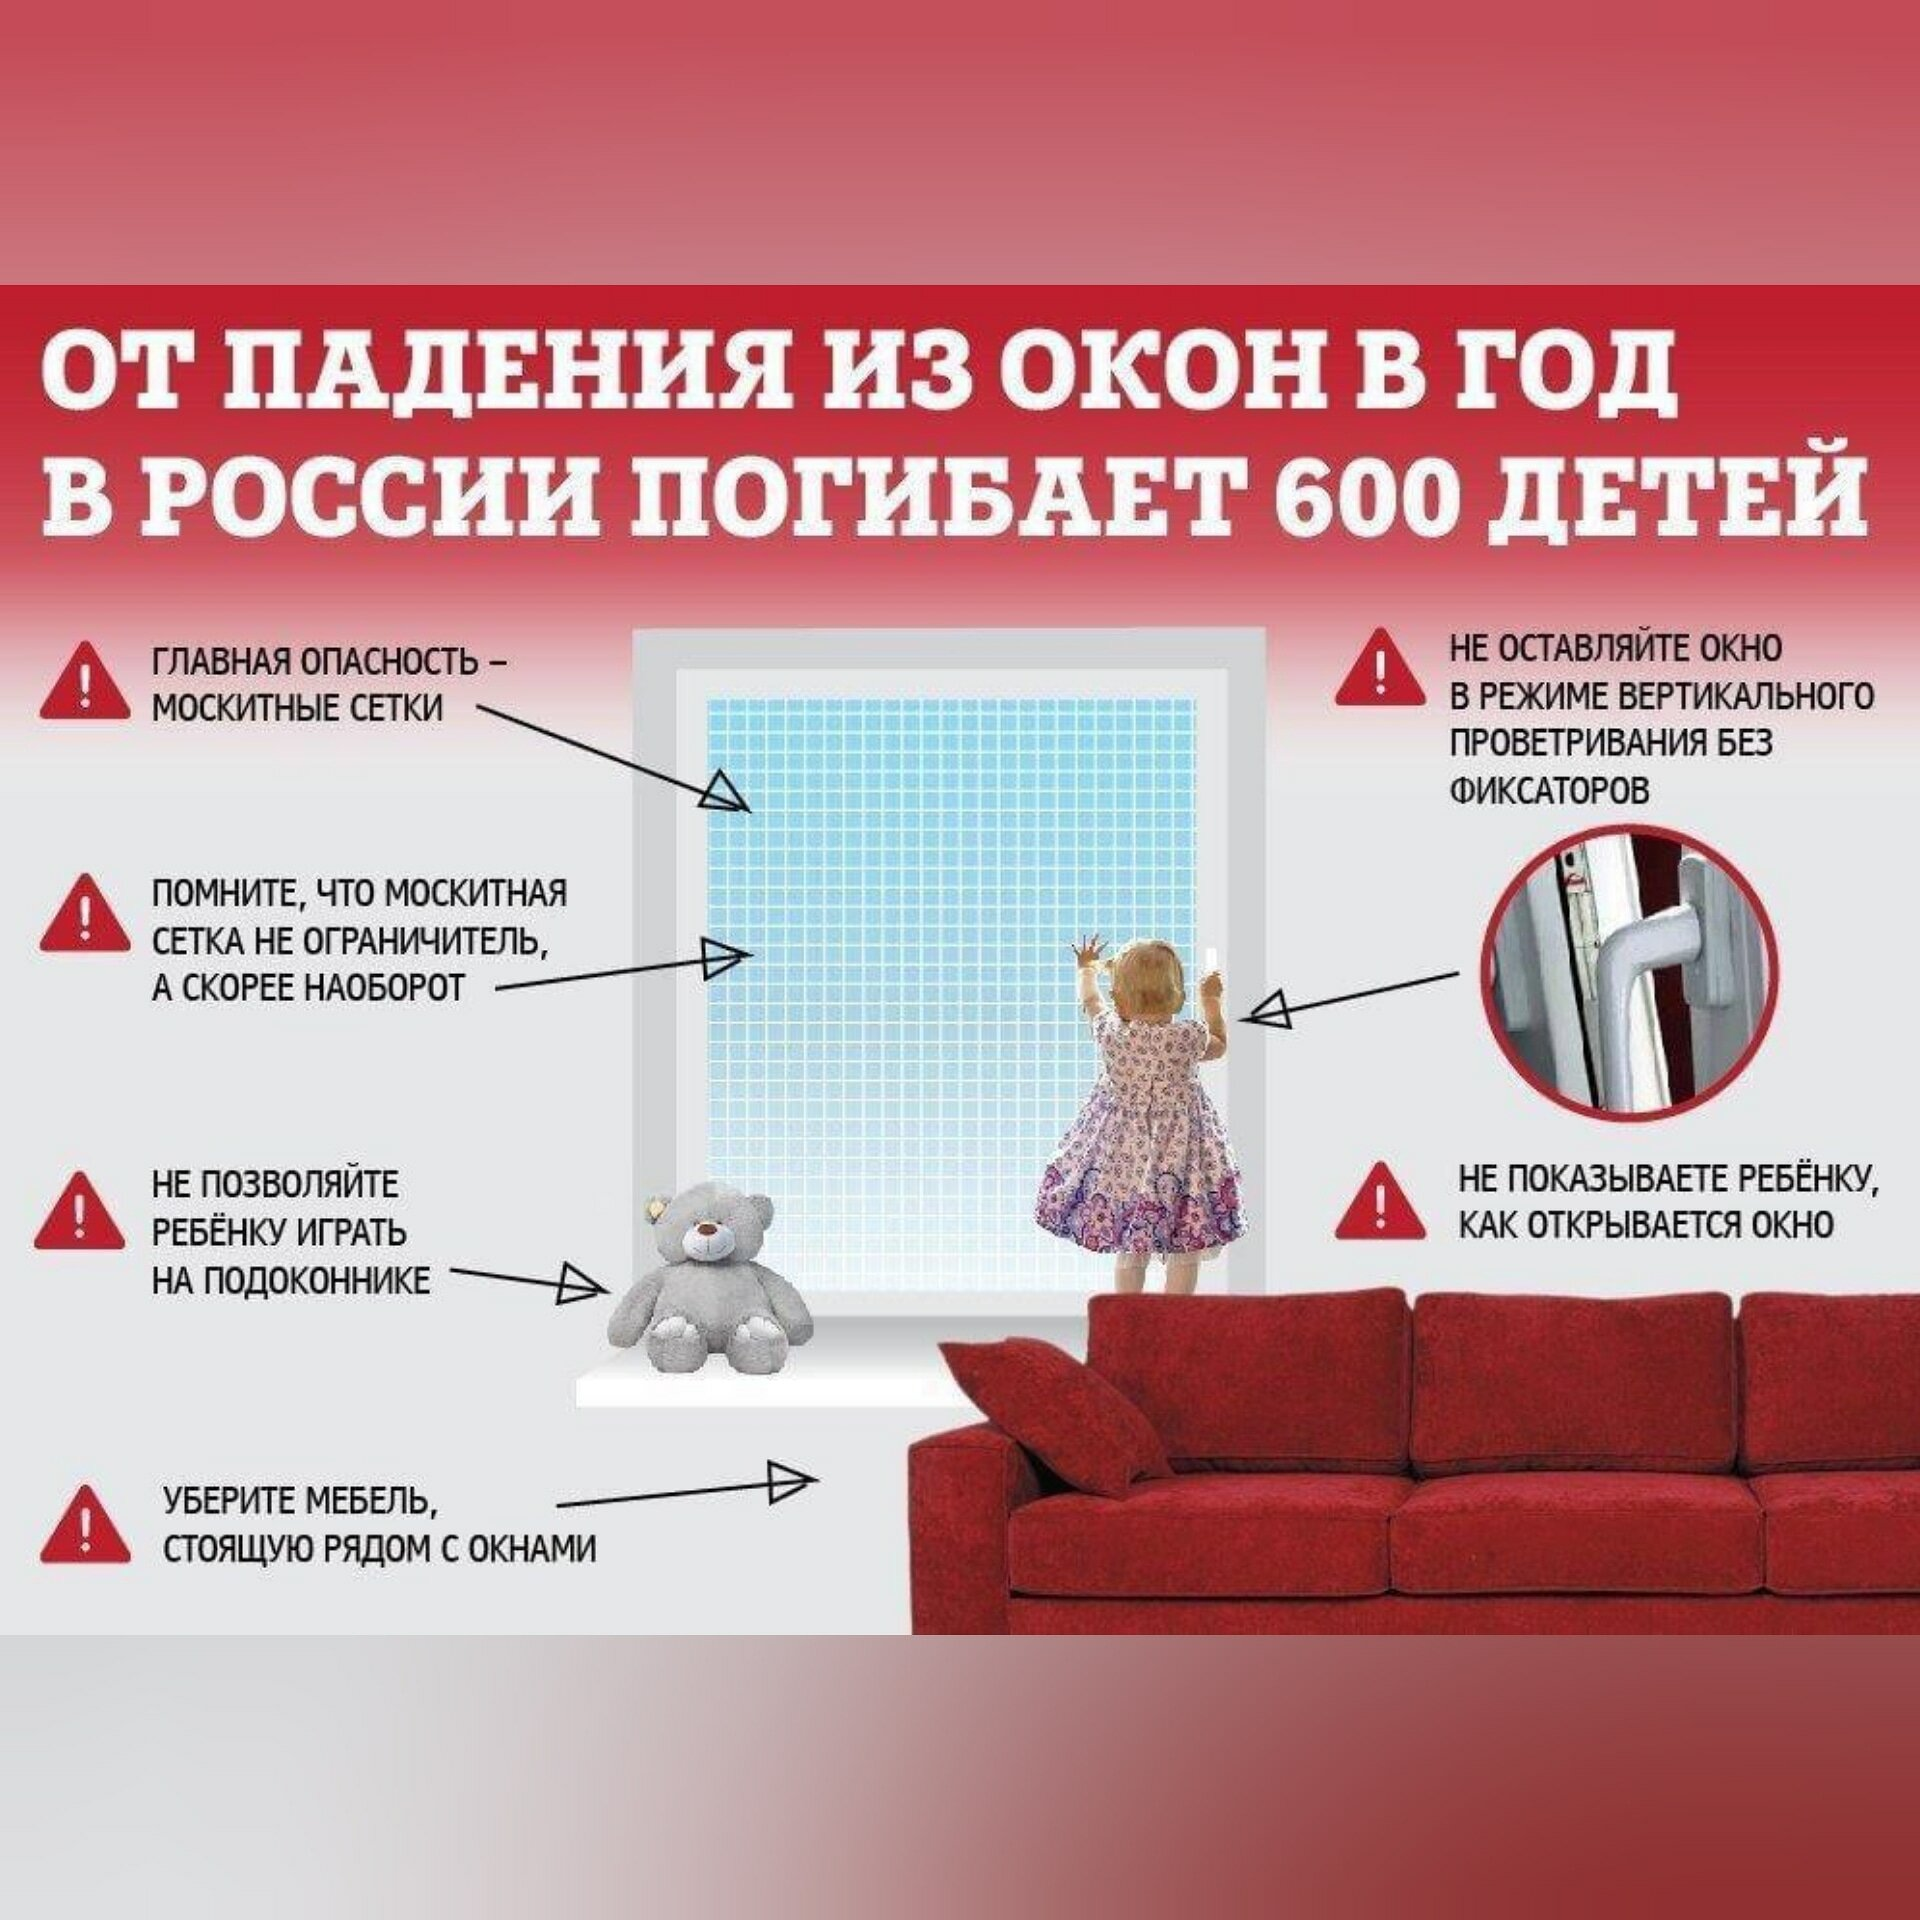 Безопасный дом для ребенка: советы по обустройству разных комнат